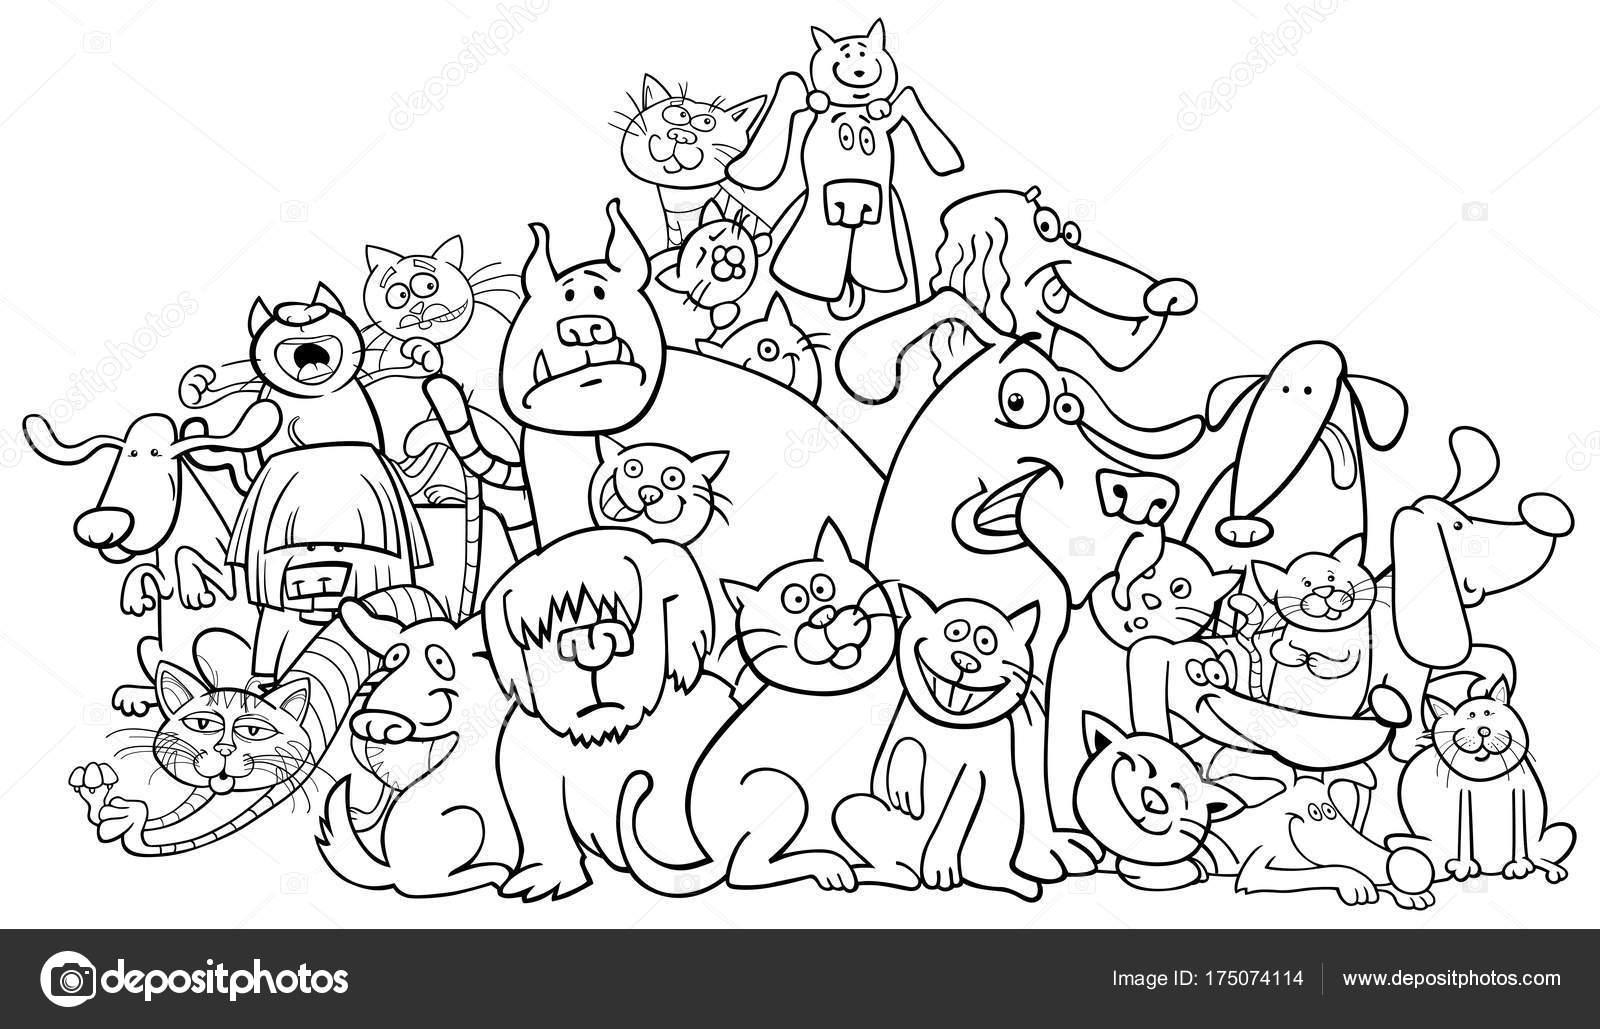 Kleurplaten Van Honden En Katten.Cartoon Honden En Katten Kleurplaten Boek Stockvector C Izakowski